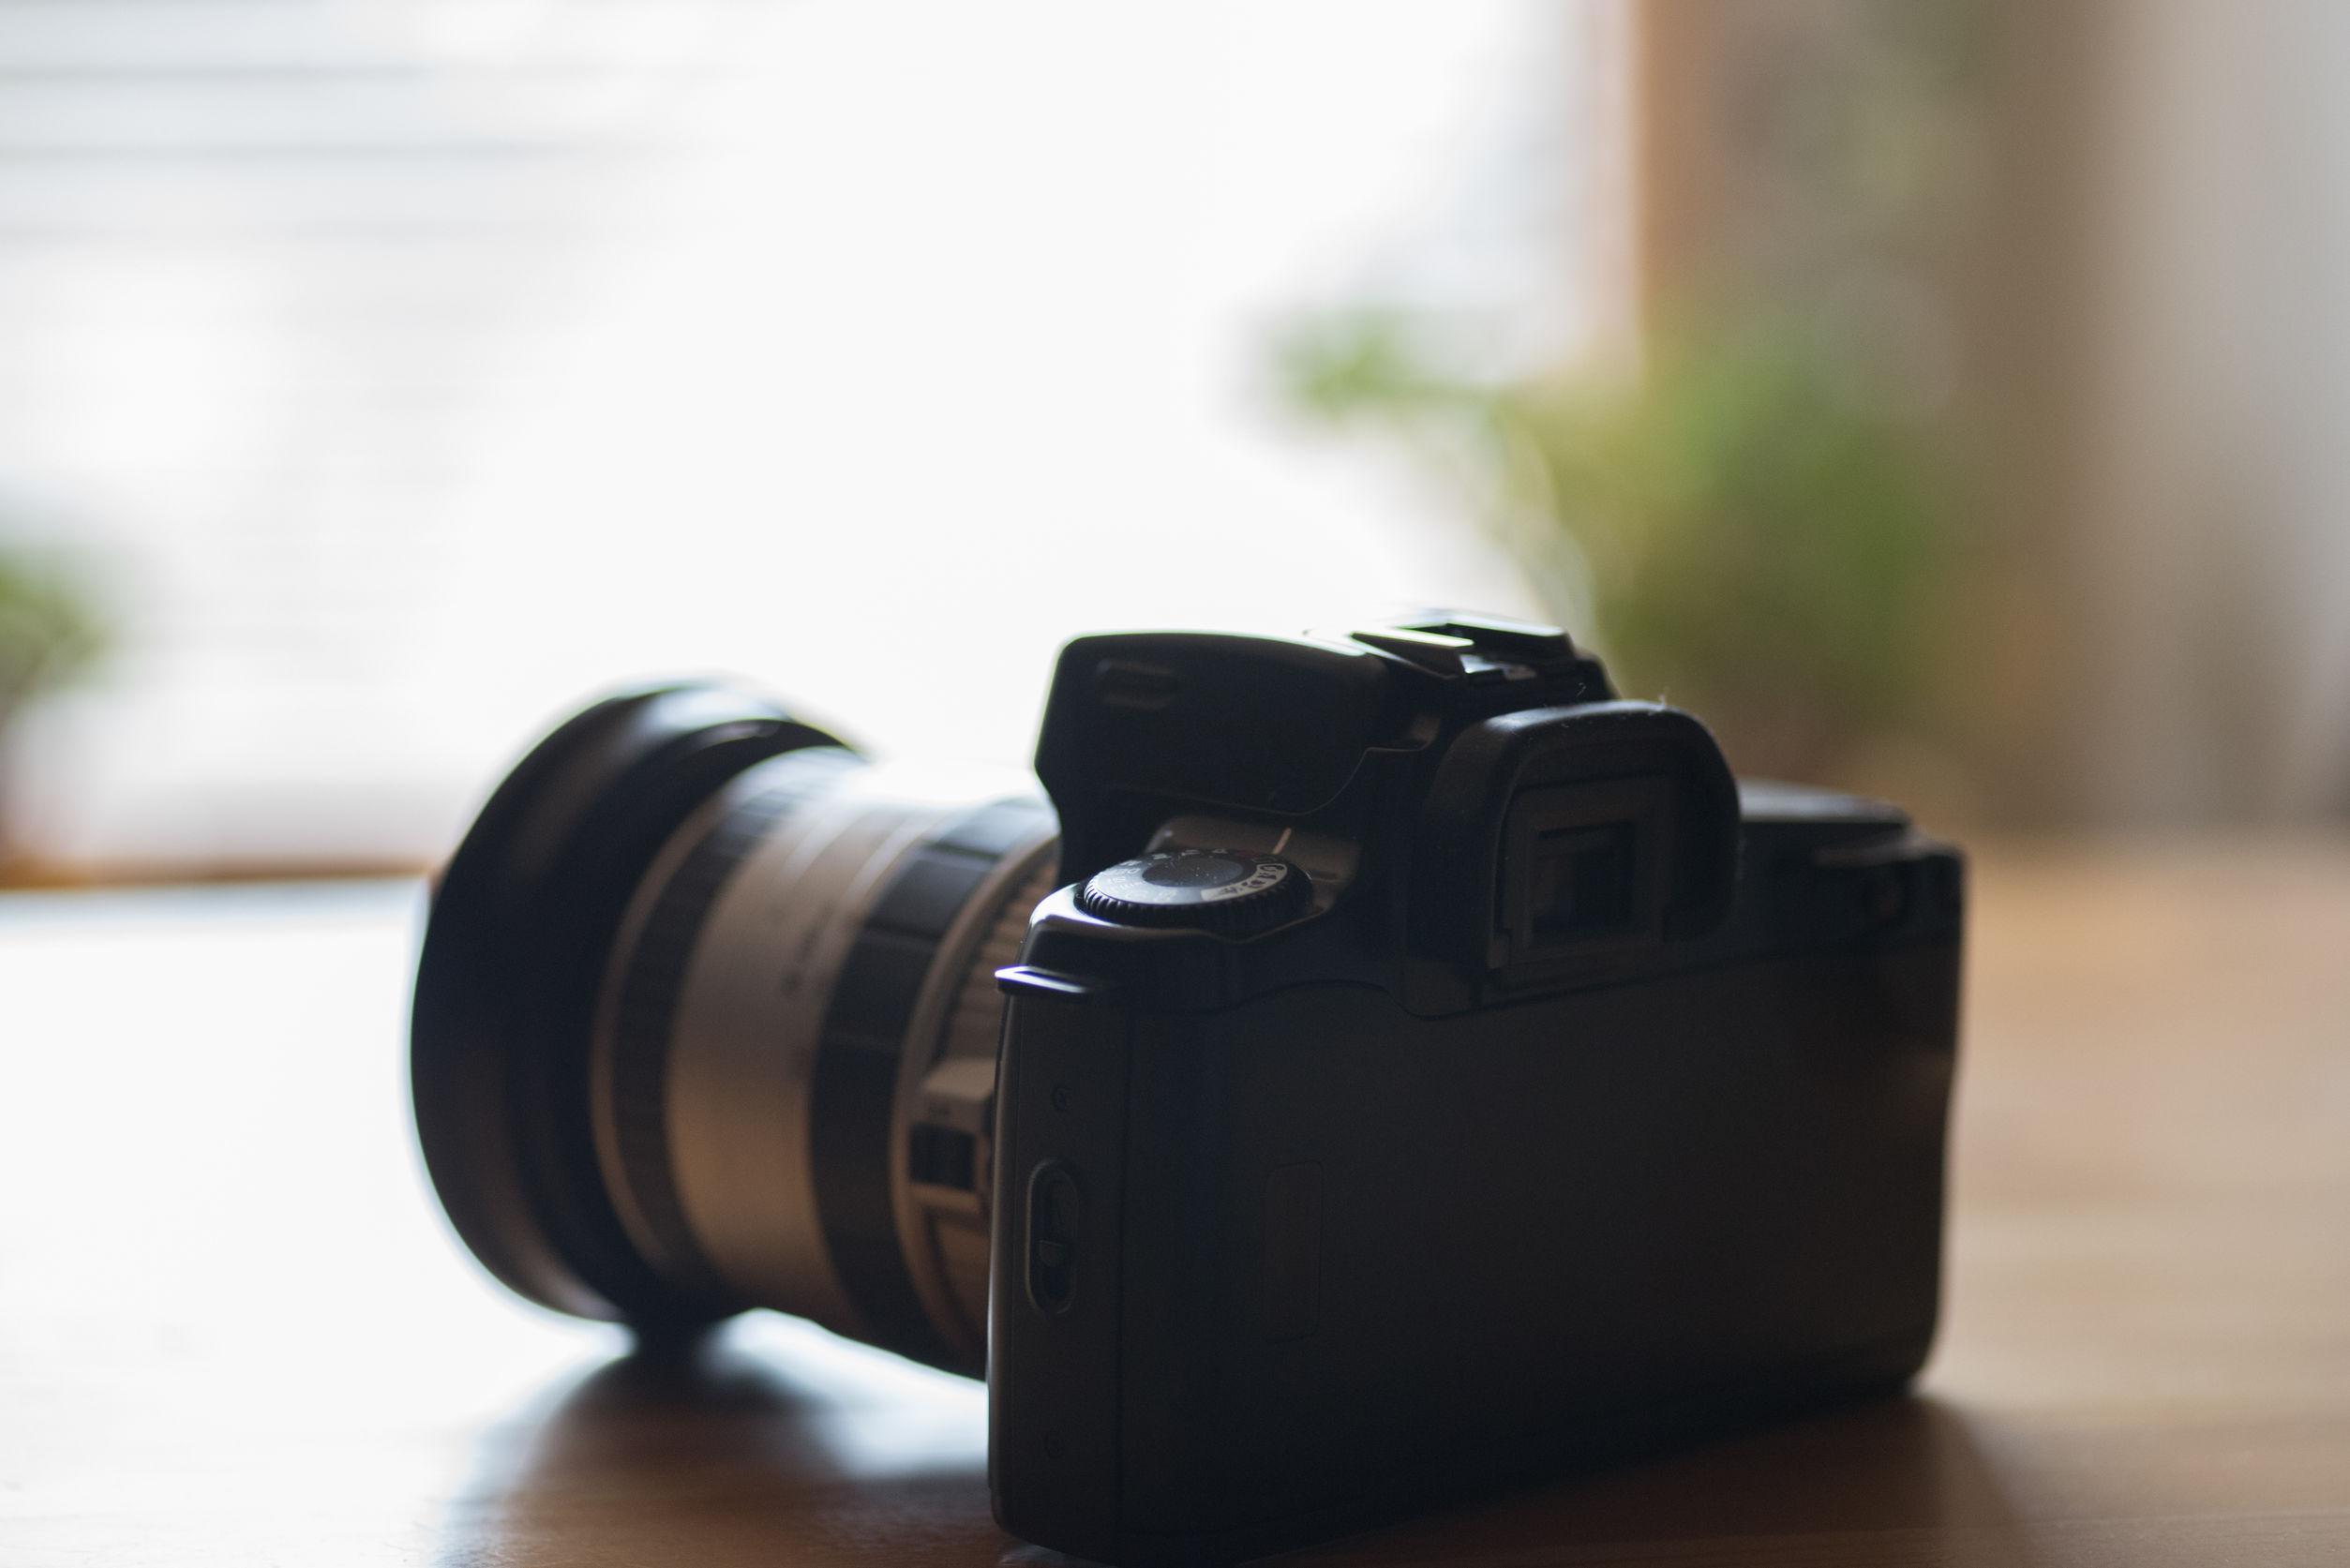 Spiegelreflexcamera: Wat zijn de beste spiegelreflexcamera's van 2020?